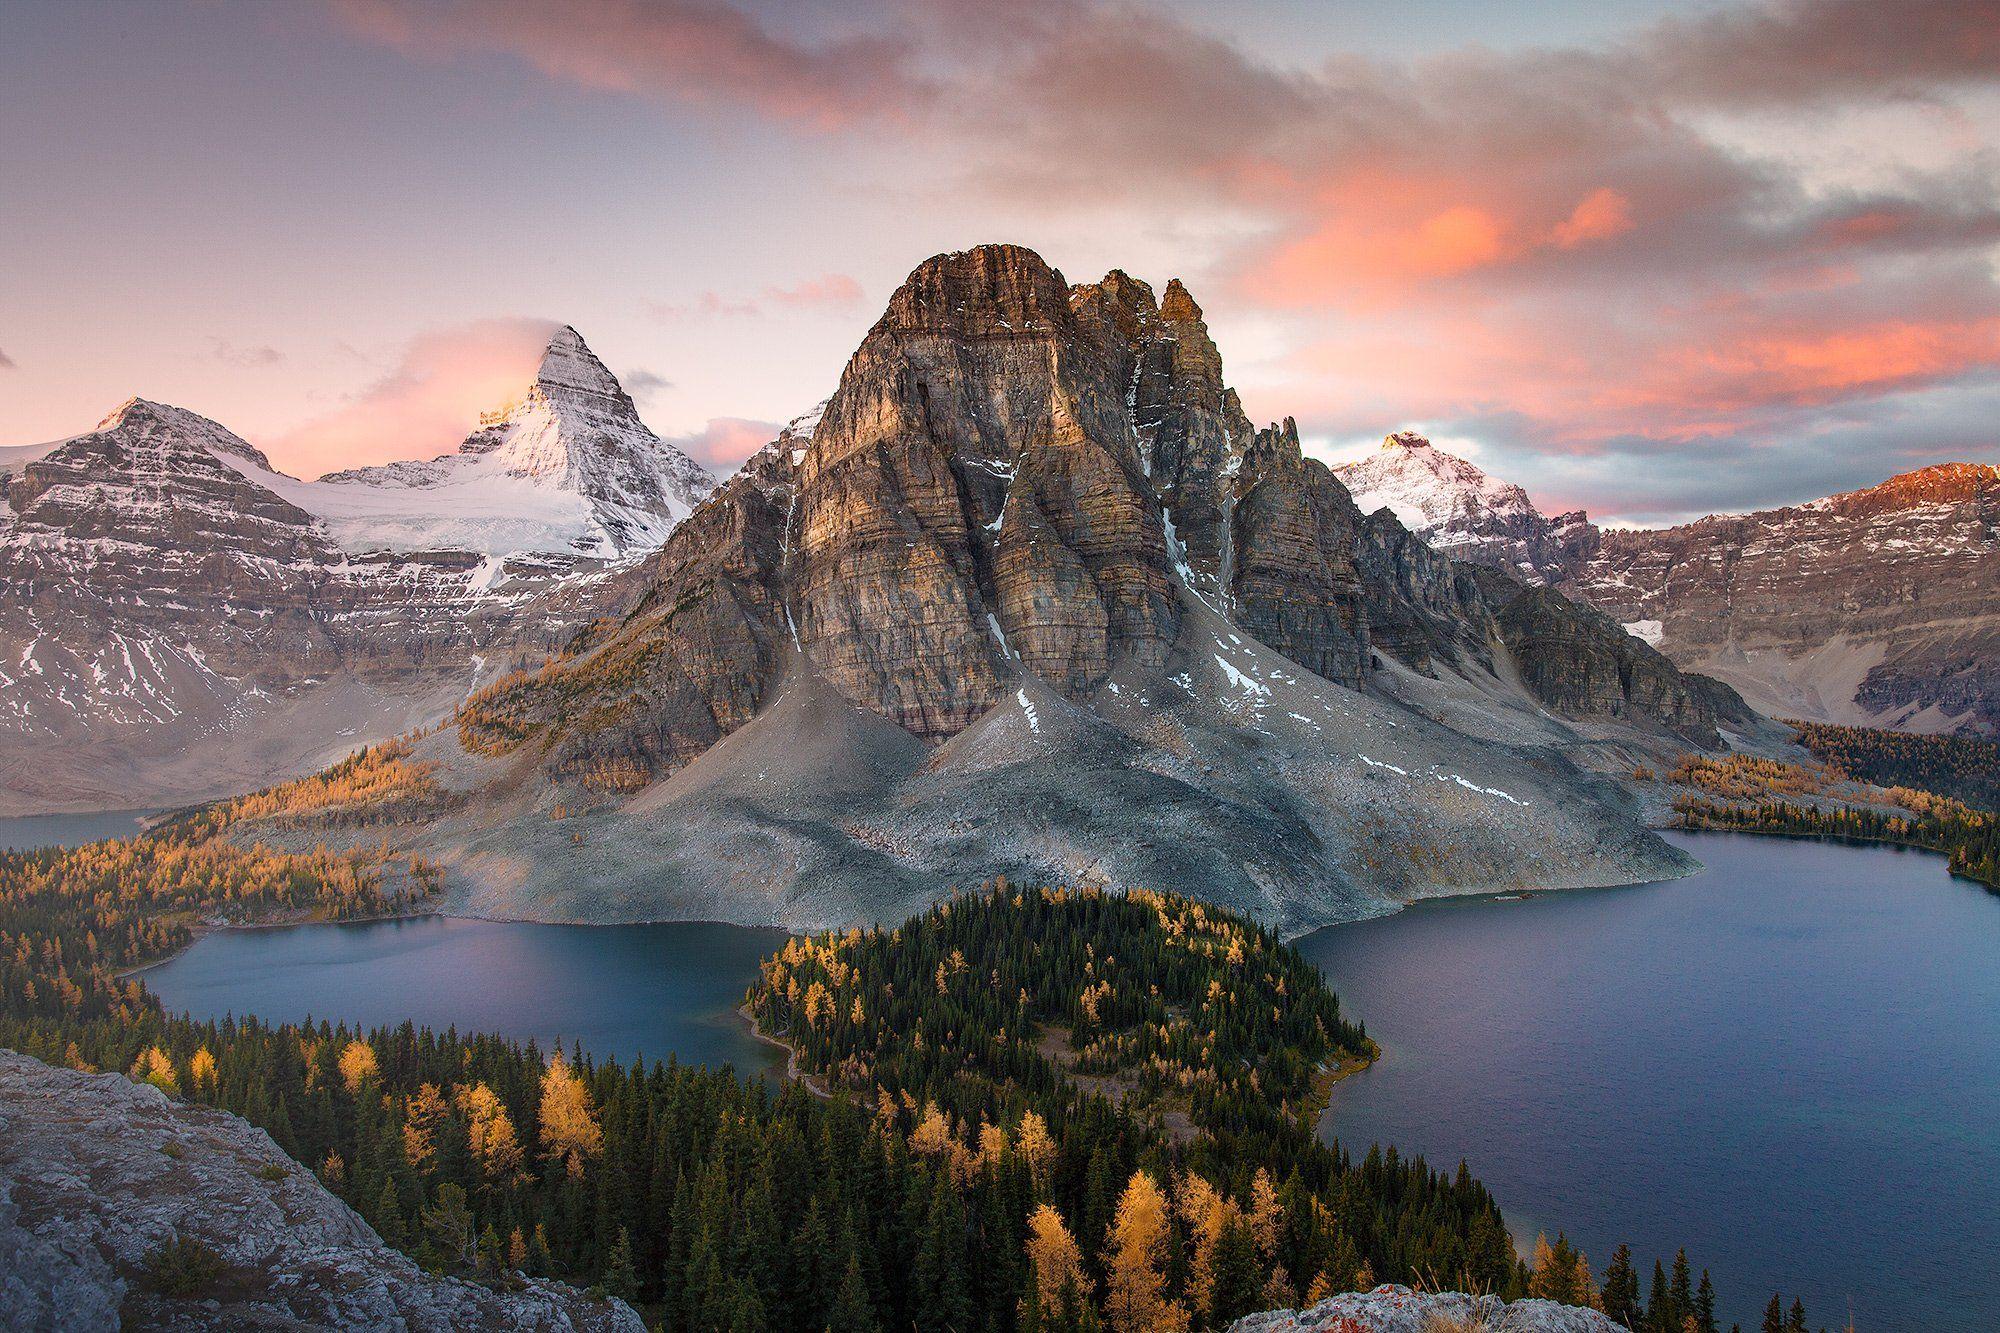 assiniboine, rockies, горы, путешествия, канада, Evgeny